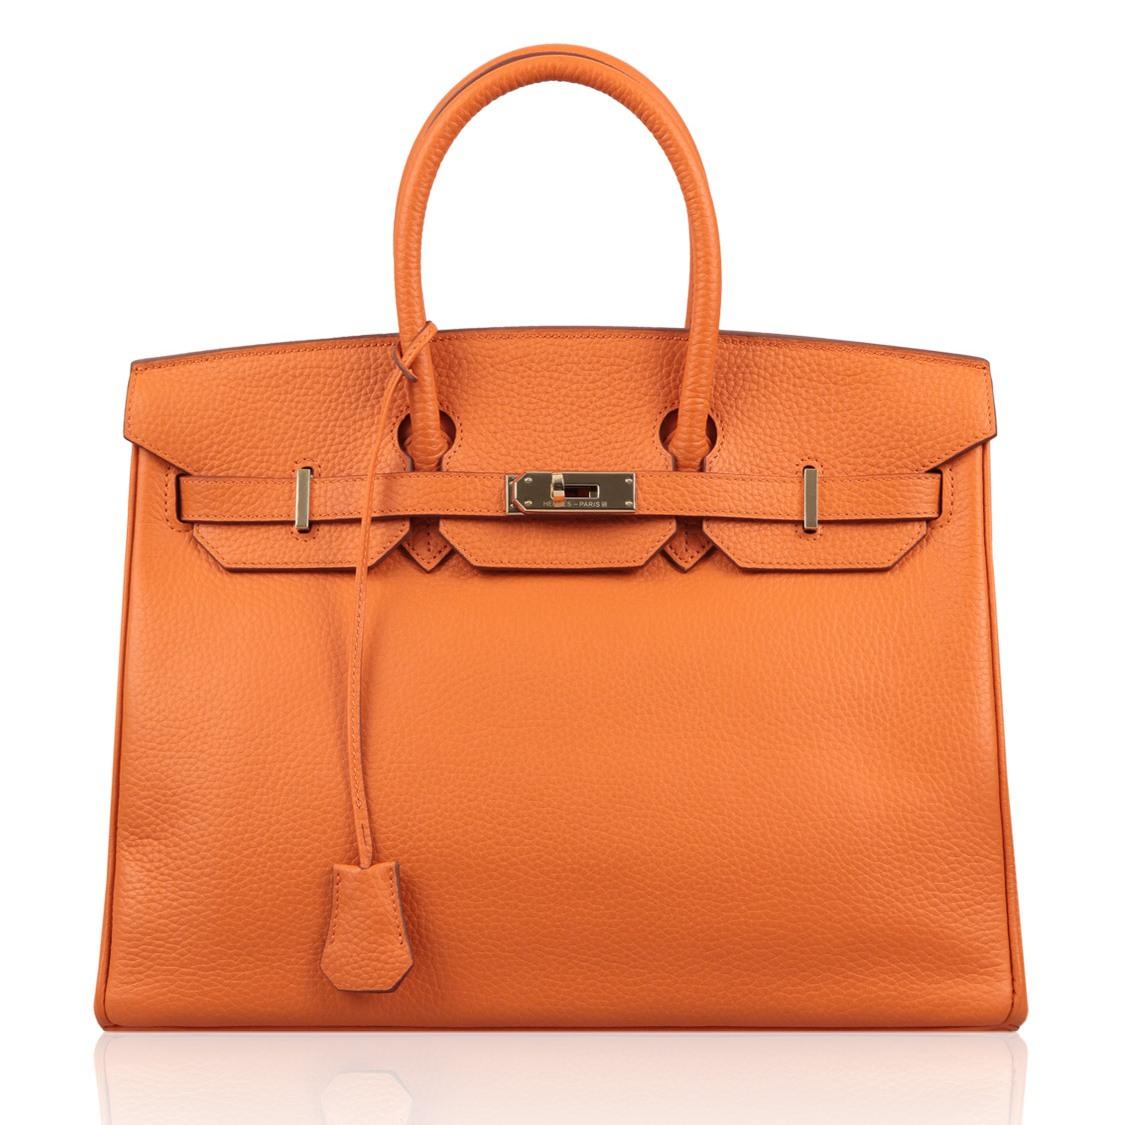 Легендарные сумки в истории моды: уникальные сумочки и музы дизайнеров